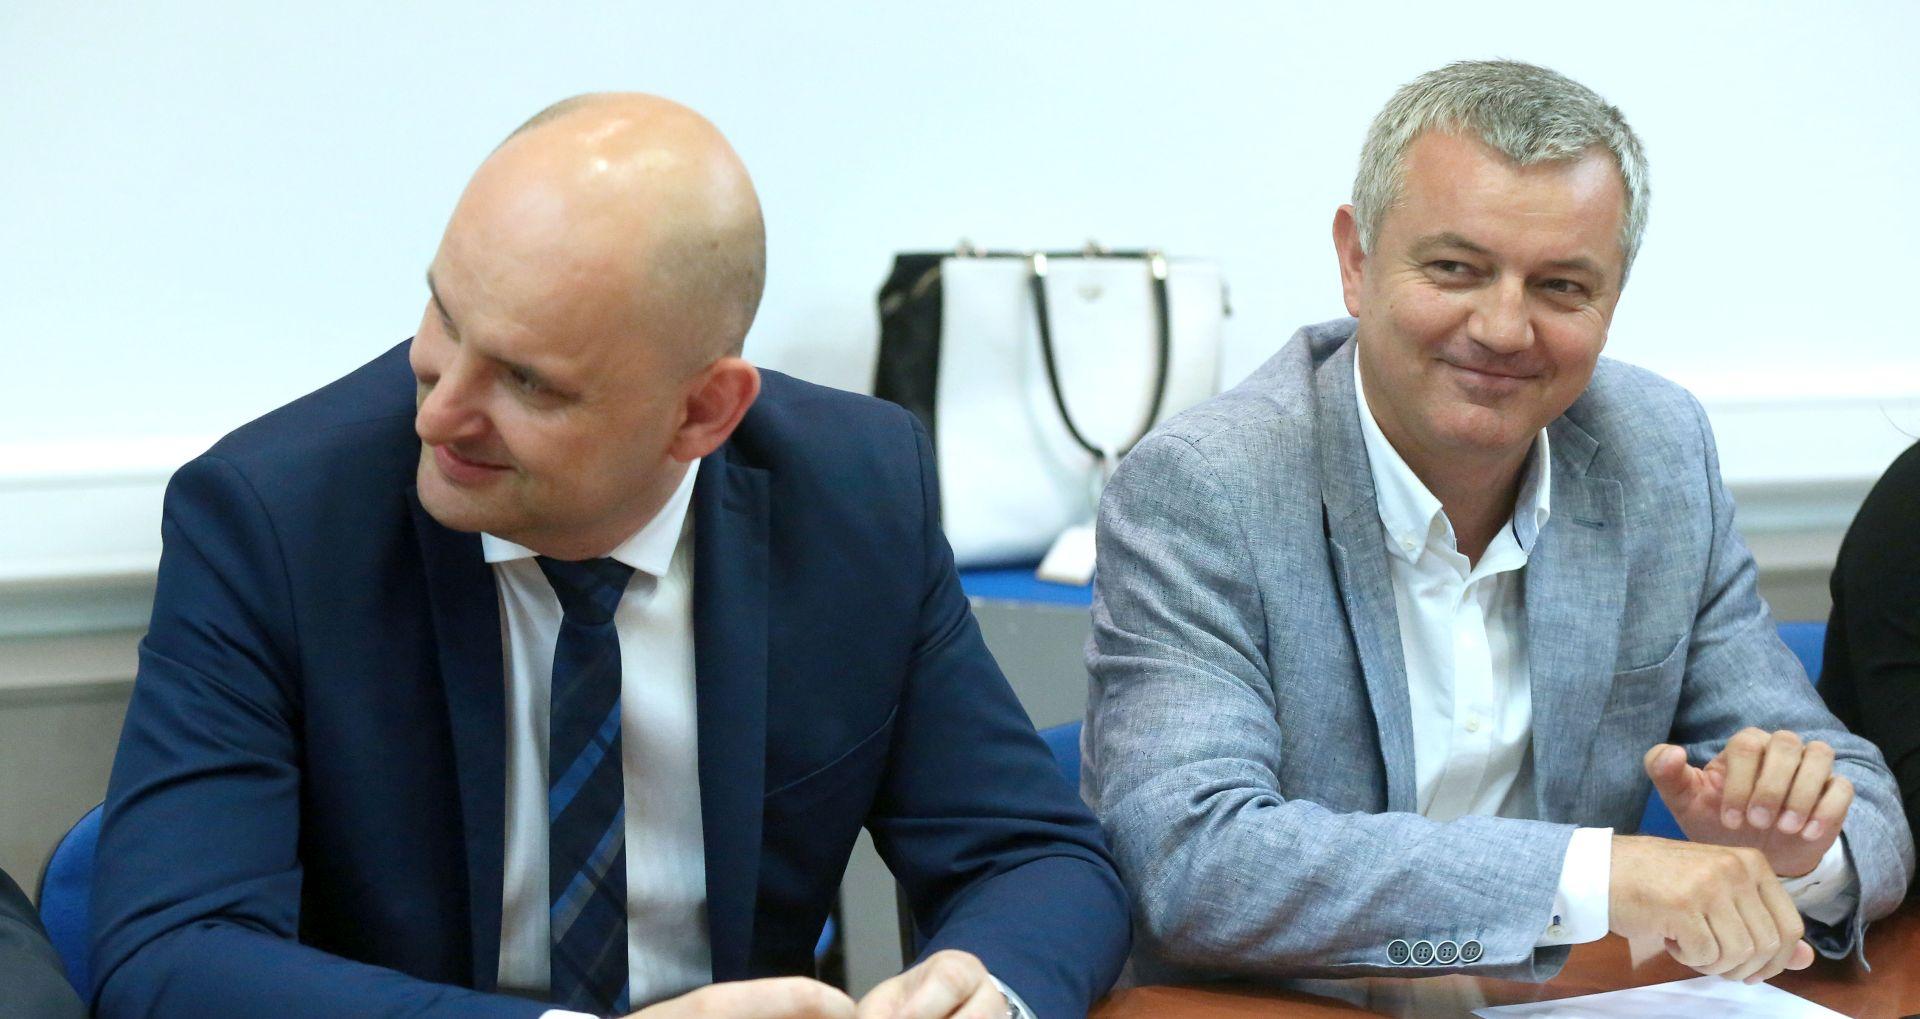 Sabor potvrdio Darka Horvata i Tomislava Tolušića